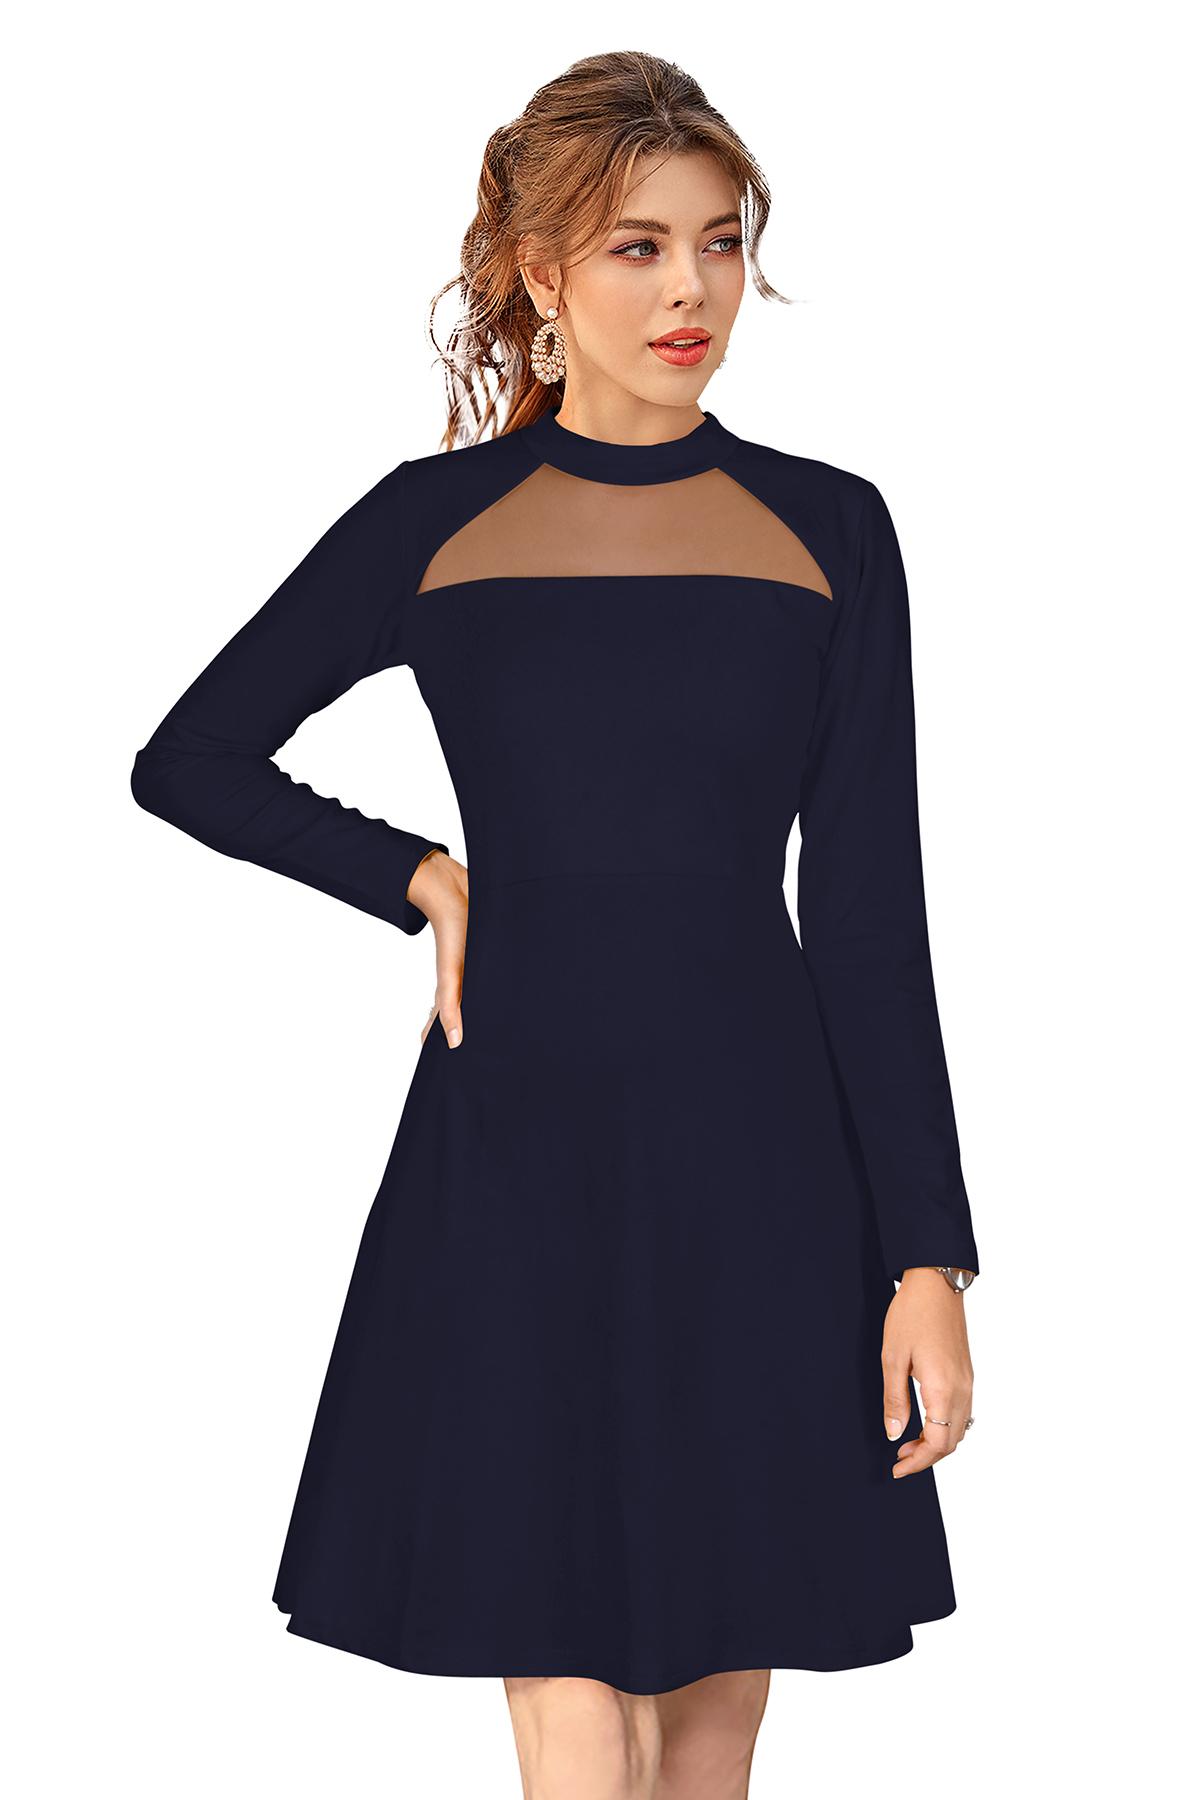 Ladies Black Western dress